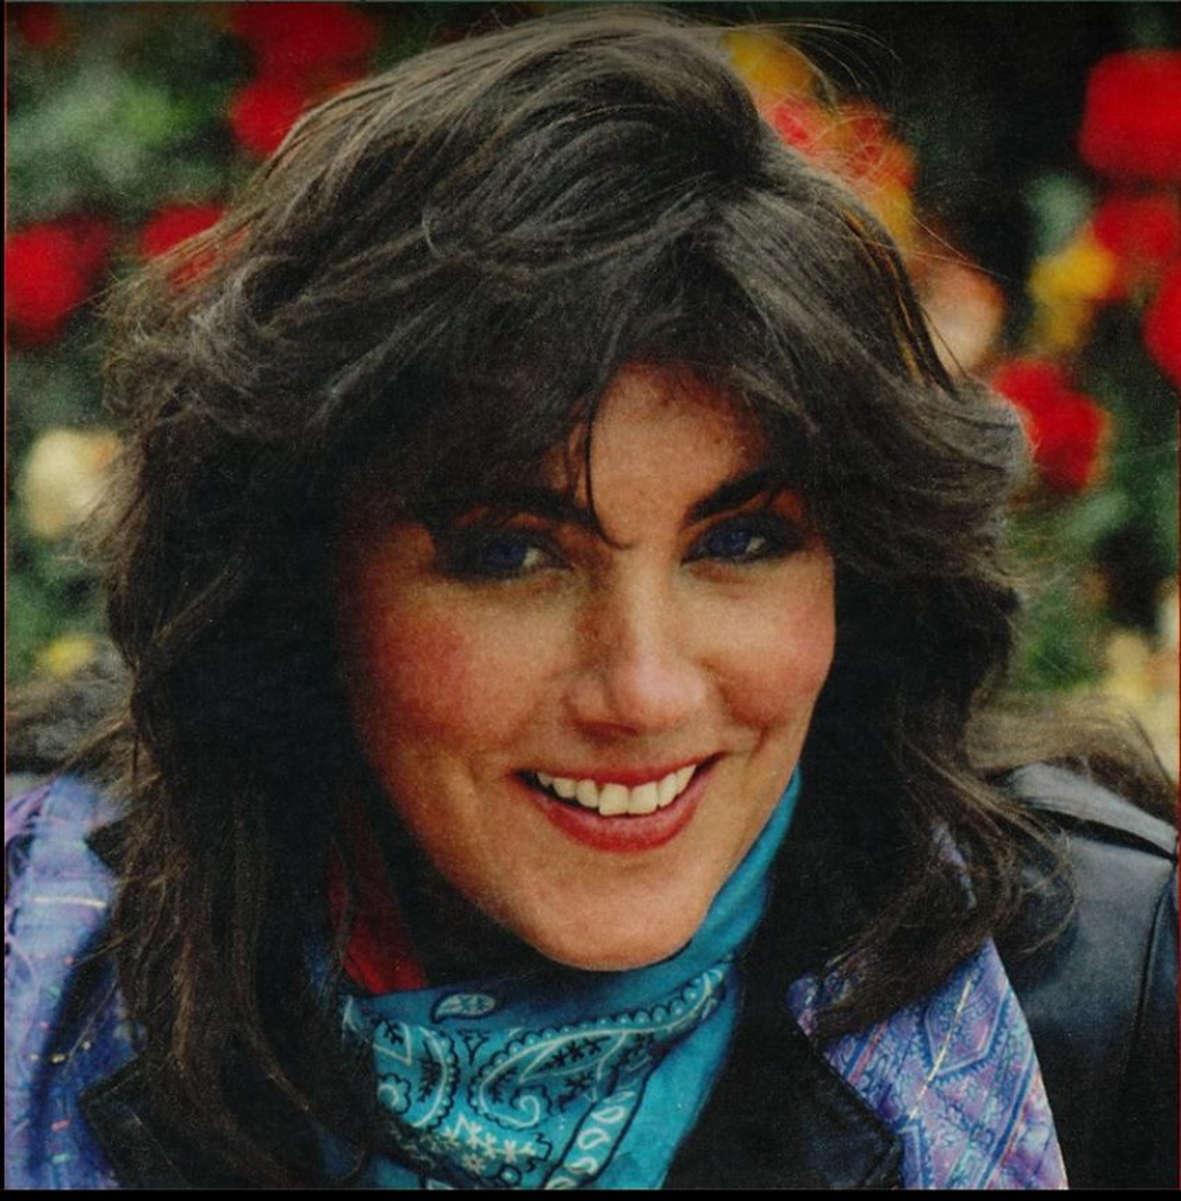 Laura Branigan 1952-2004